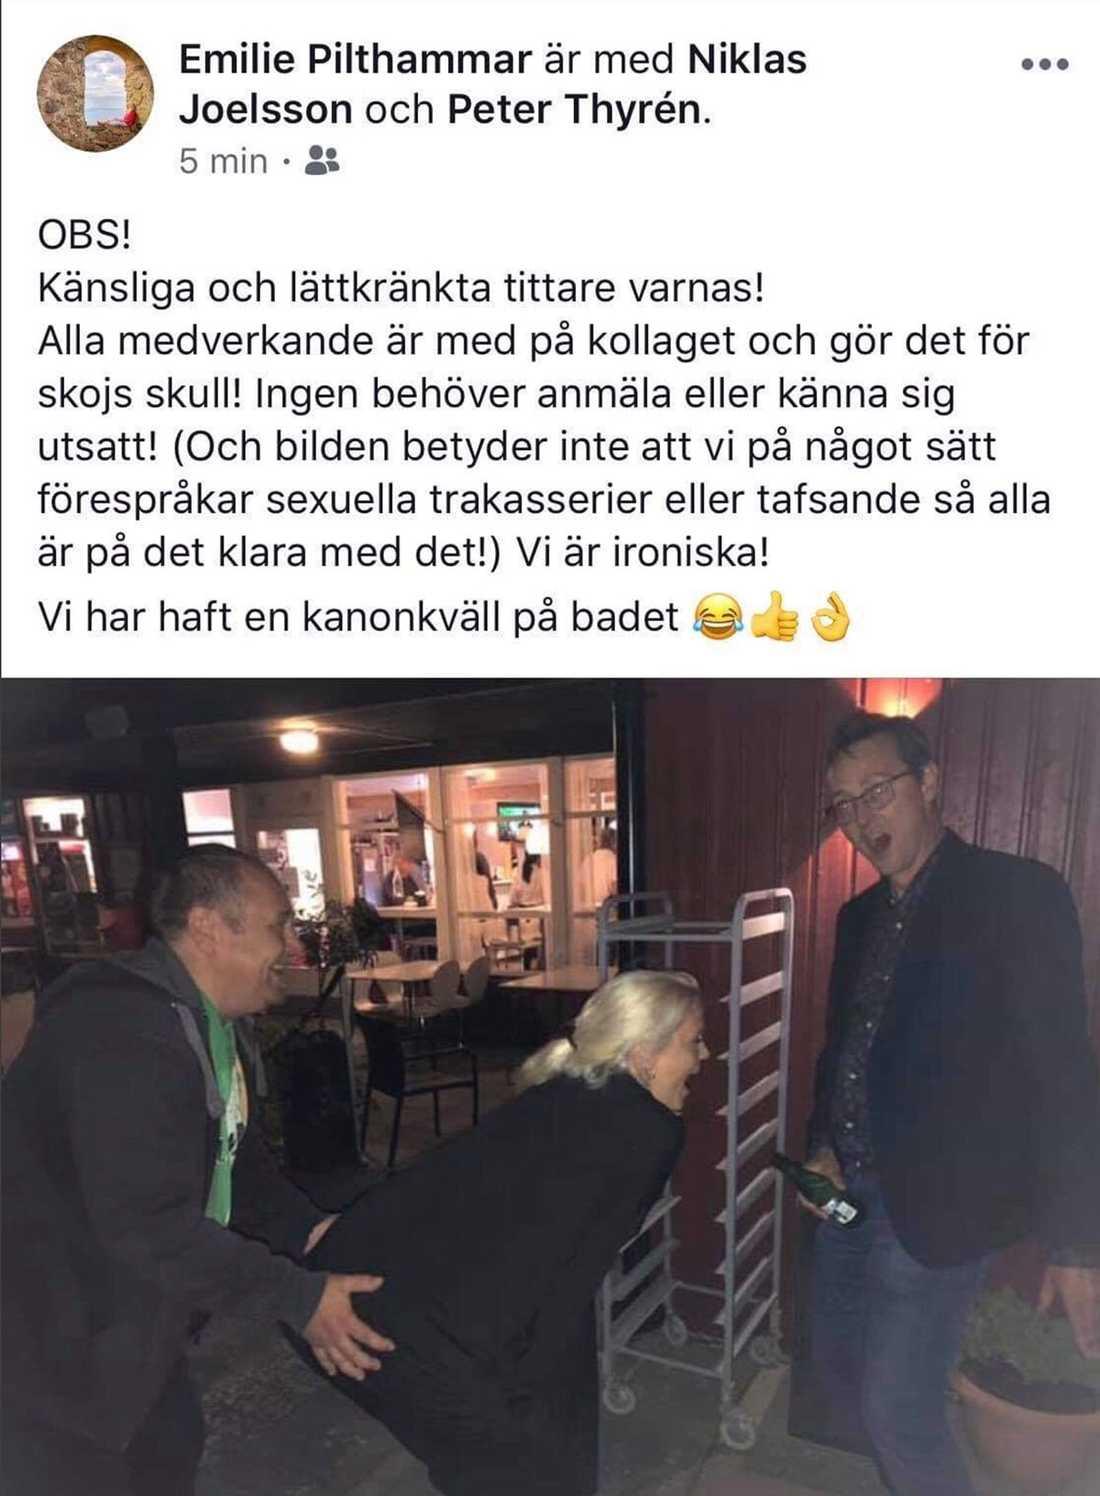 På bilden syns Emilie Pilthammar posera utmanande mellan Niklas Joelsson (M) som är ordförande i Sölvesborgs barn- och utbildningsnämnd samt Peter Thyrén (SD) som är ordförande i Sölvesborgs kultur- och fritidsnämnd.